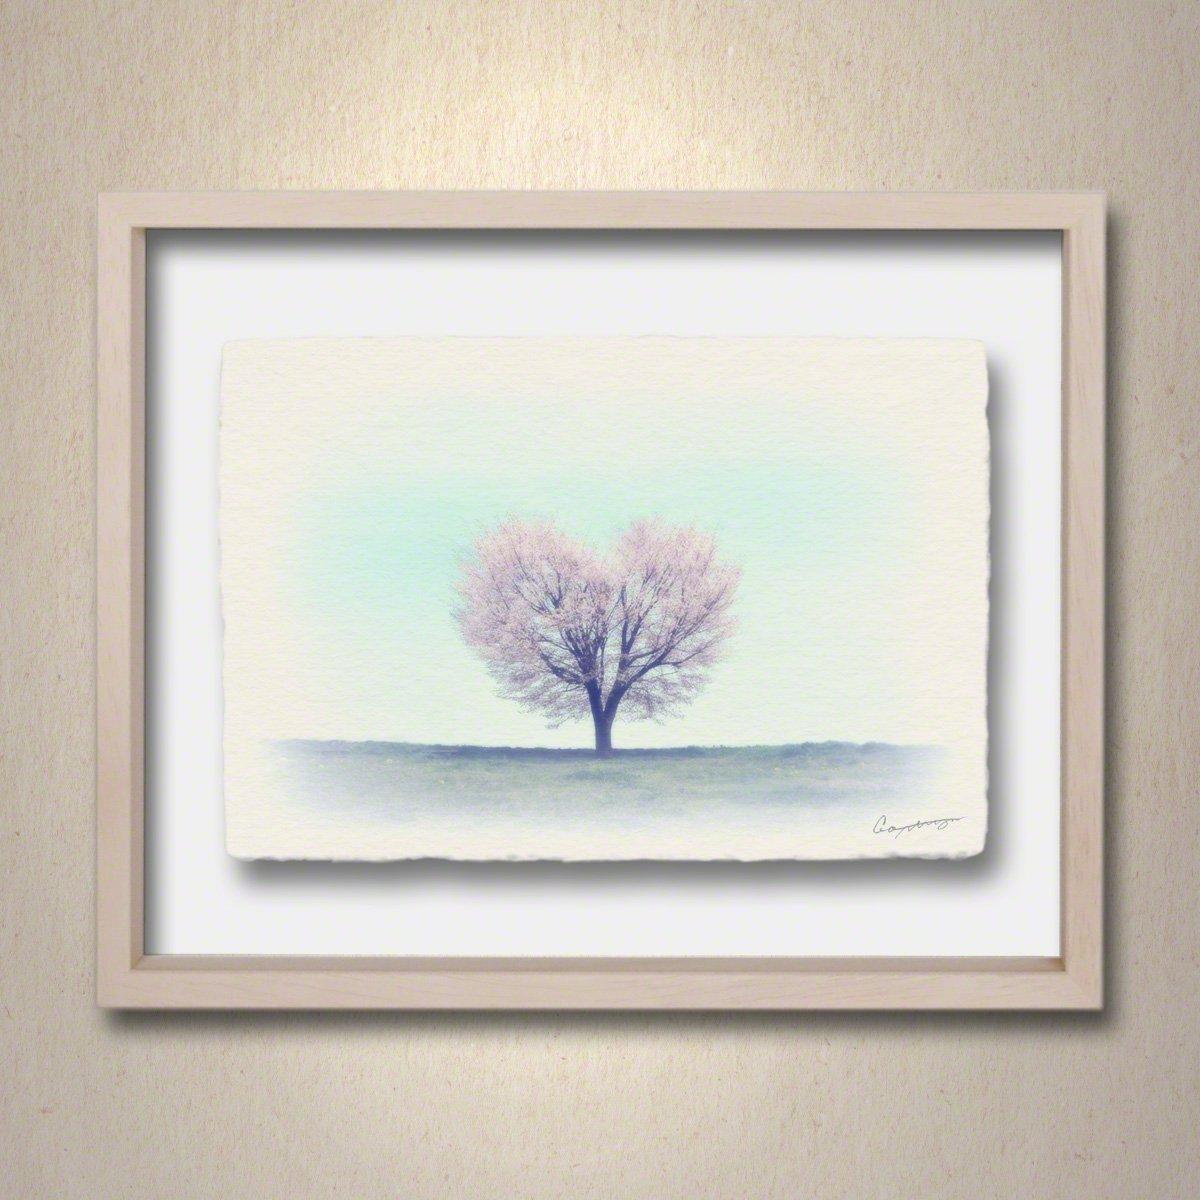 和紙 アートフレーム 「丘の上のハートの桜の木」 (40x30cm) 結婚祝い プレゼント 絵 絵画 壁掛け 壁飾り 額縁 インテリア アート B076YN3KSY 23.アートフレーム(長辺40cm) 28000円|丘の上のハートの桜の木 丘の上のハートの桜の木 23.アートフレーム(長辺40cm) 28000円